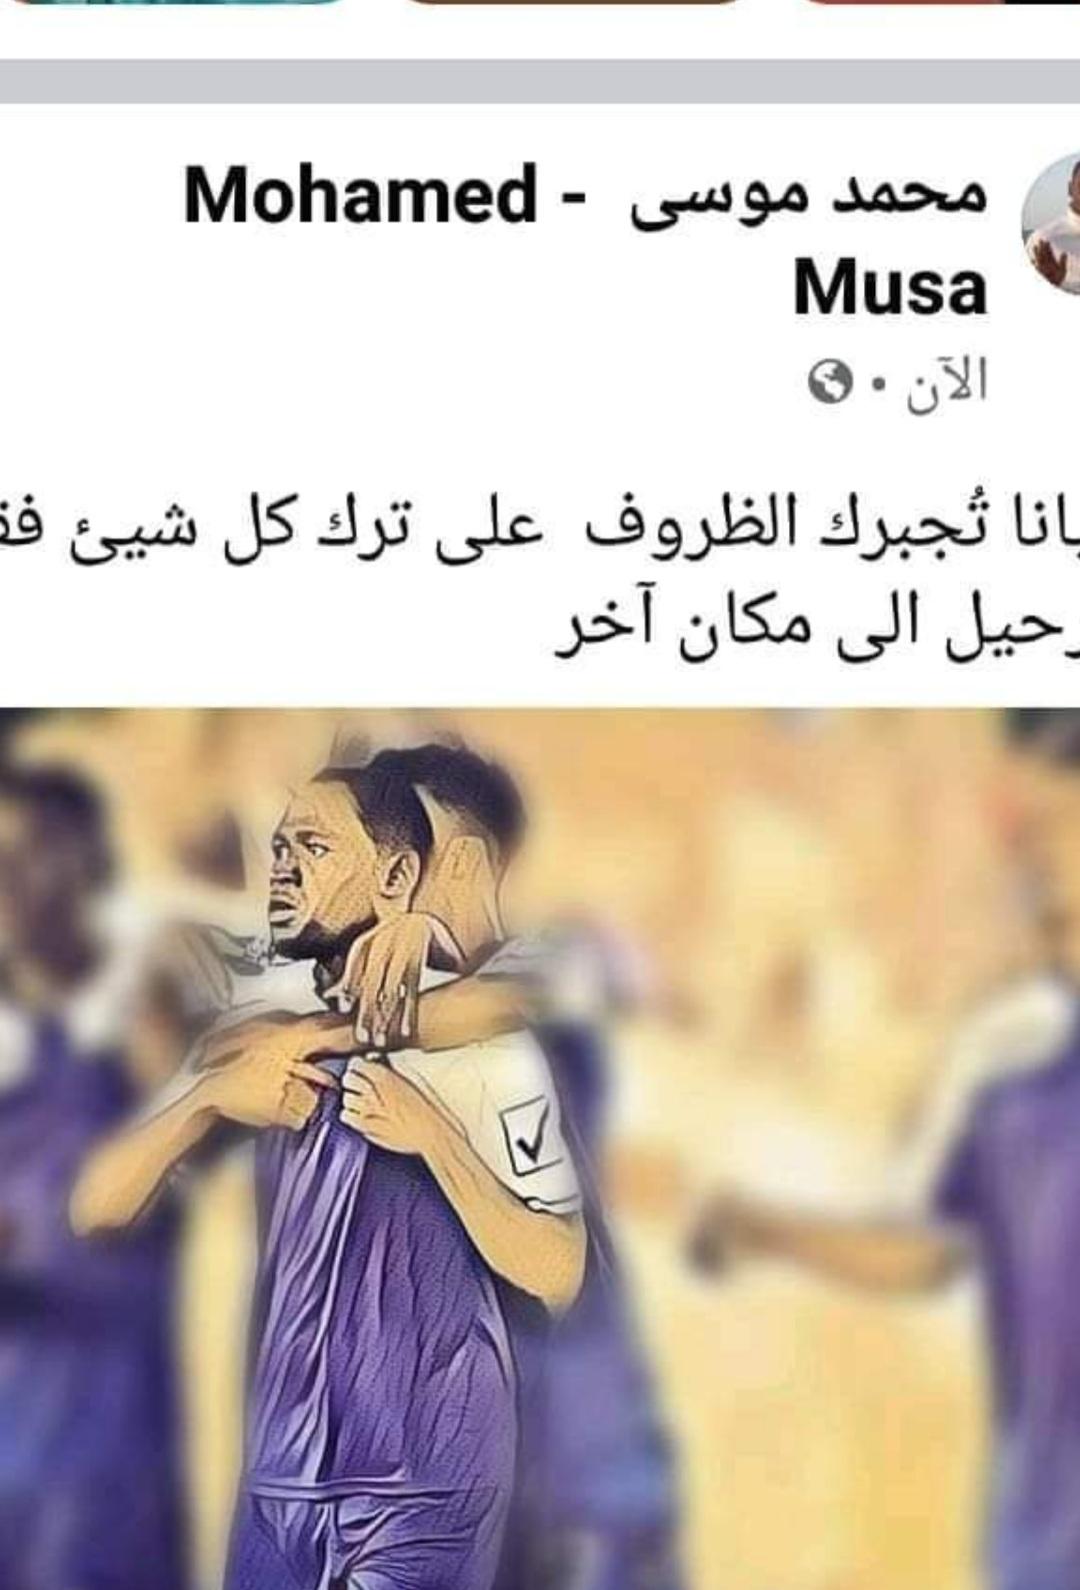 ضي الهلال يشرع في فتح بلاغ ضد مجهول يستخدم إسمه على فيس بوك